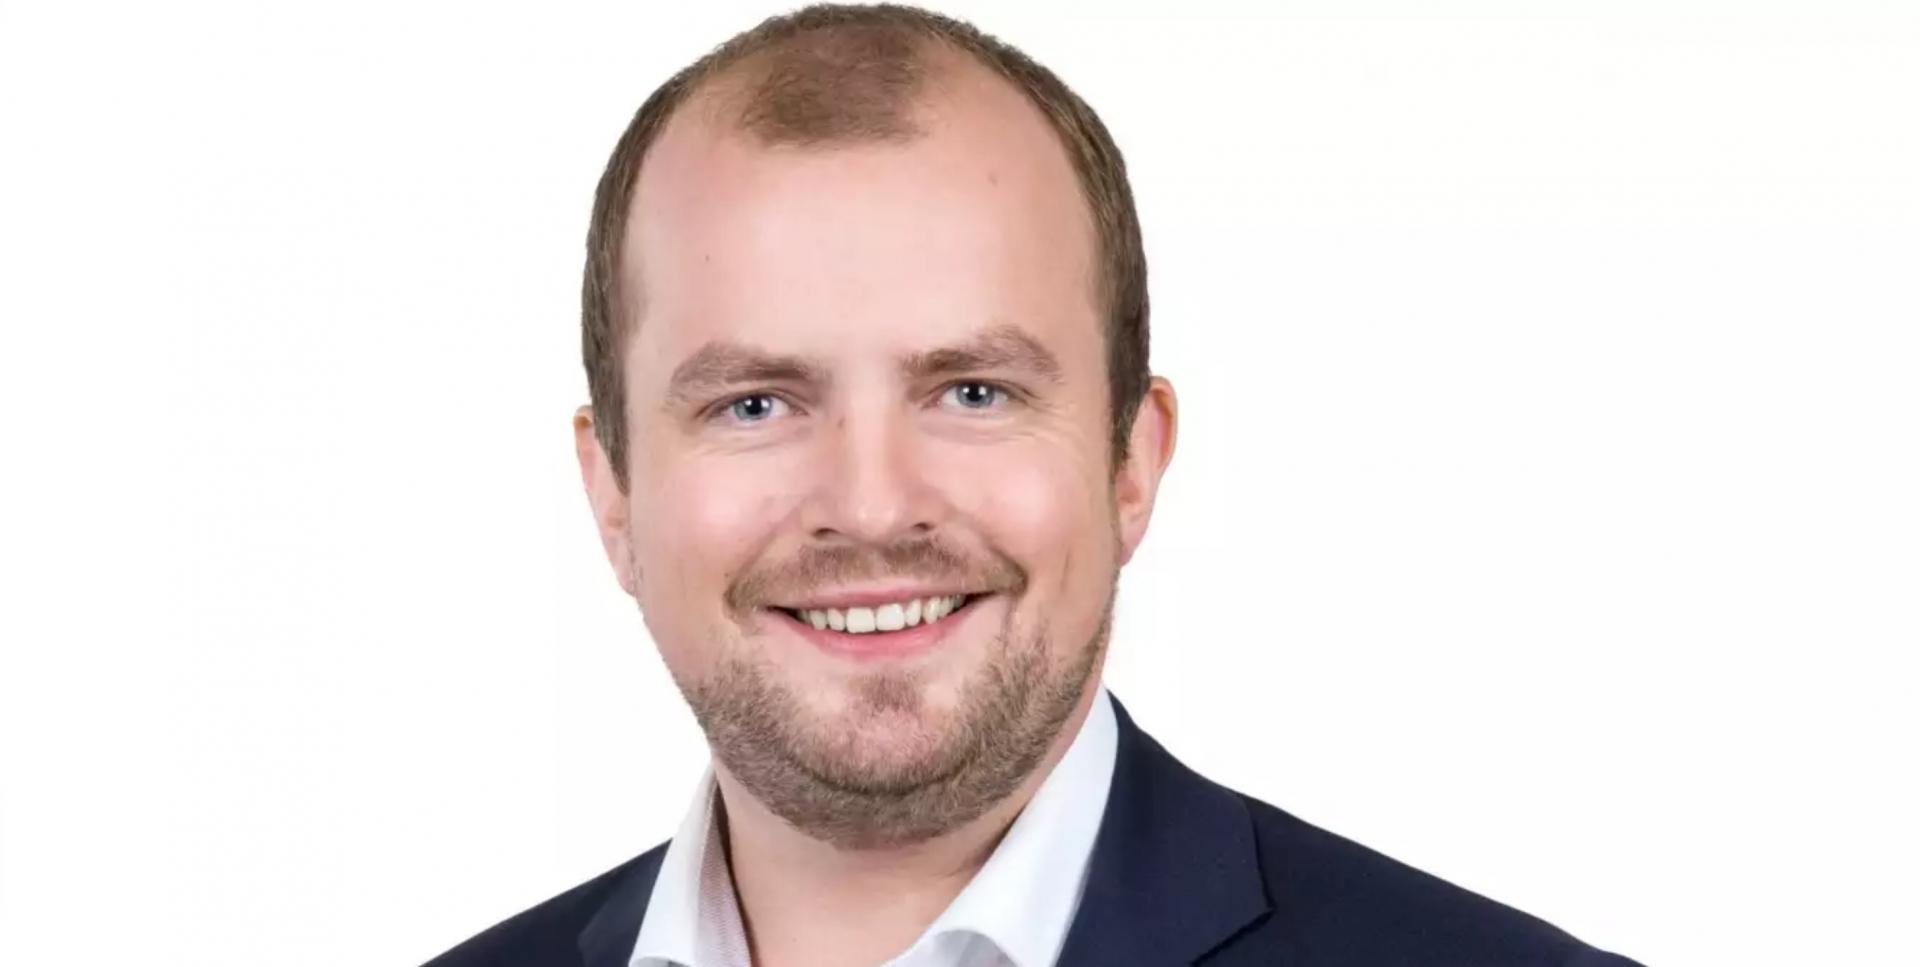 Oskar Seger (FDP): Nein zur Bestrafung privater Hauseigentümer